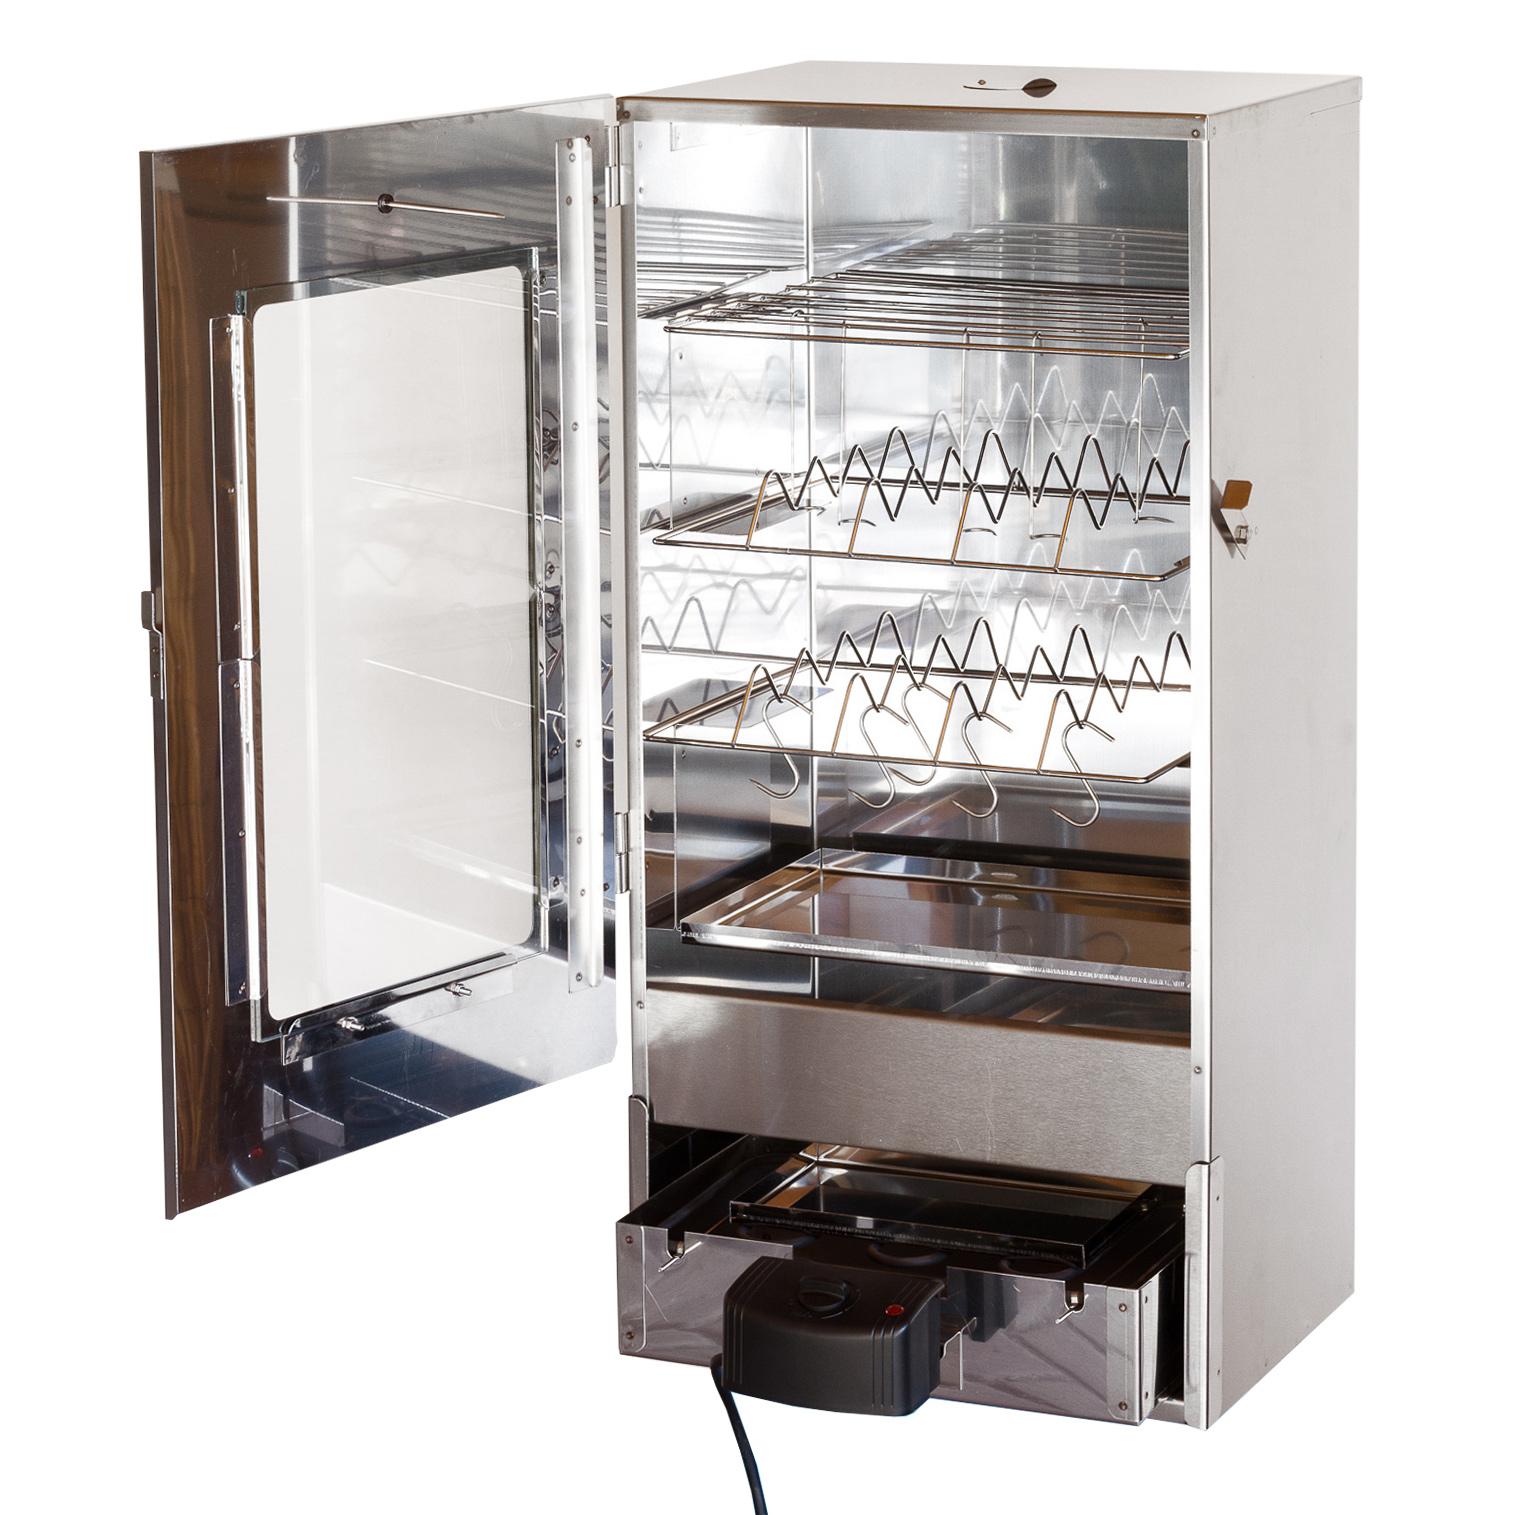 xxl 80 cm elektrischer r ucherofen r ucherschrank r uchertonne smoker scheibe ebay. Black Bedroom Furniture Sets. Home Design Ideas